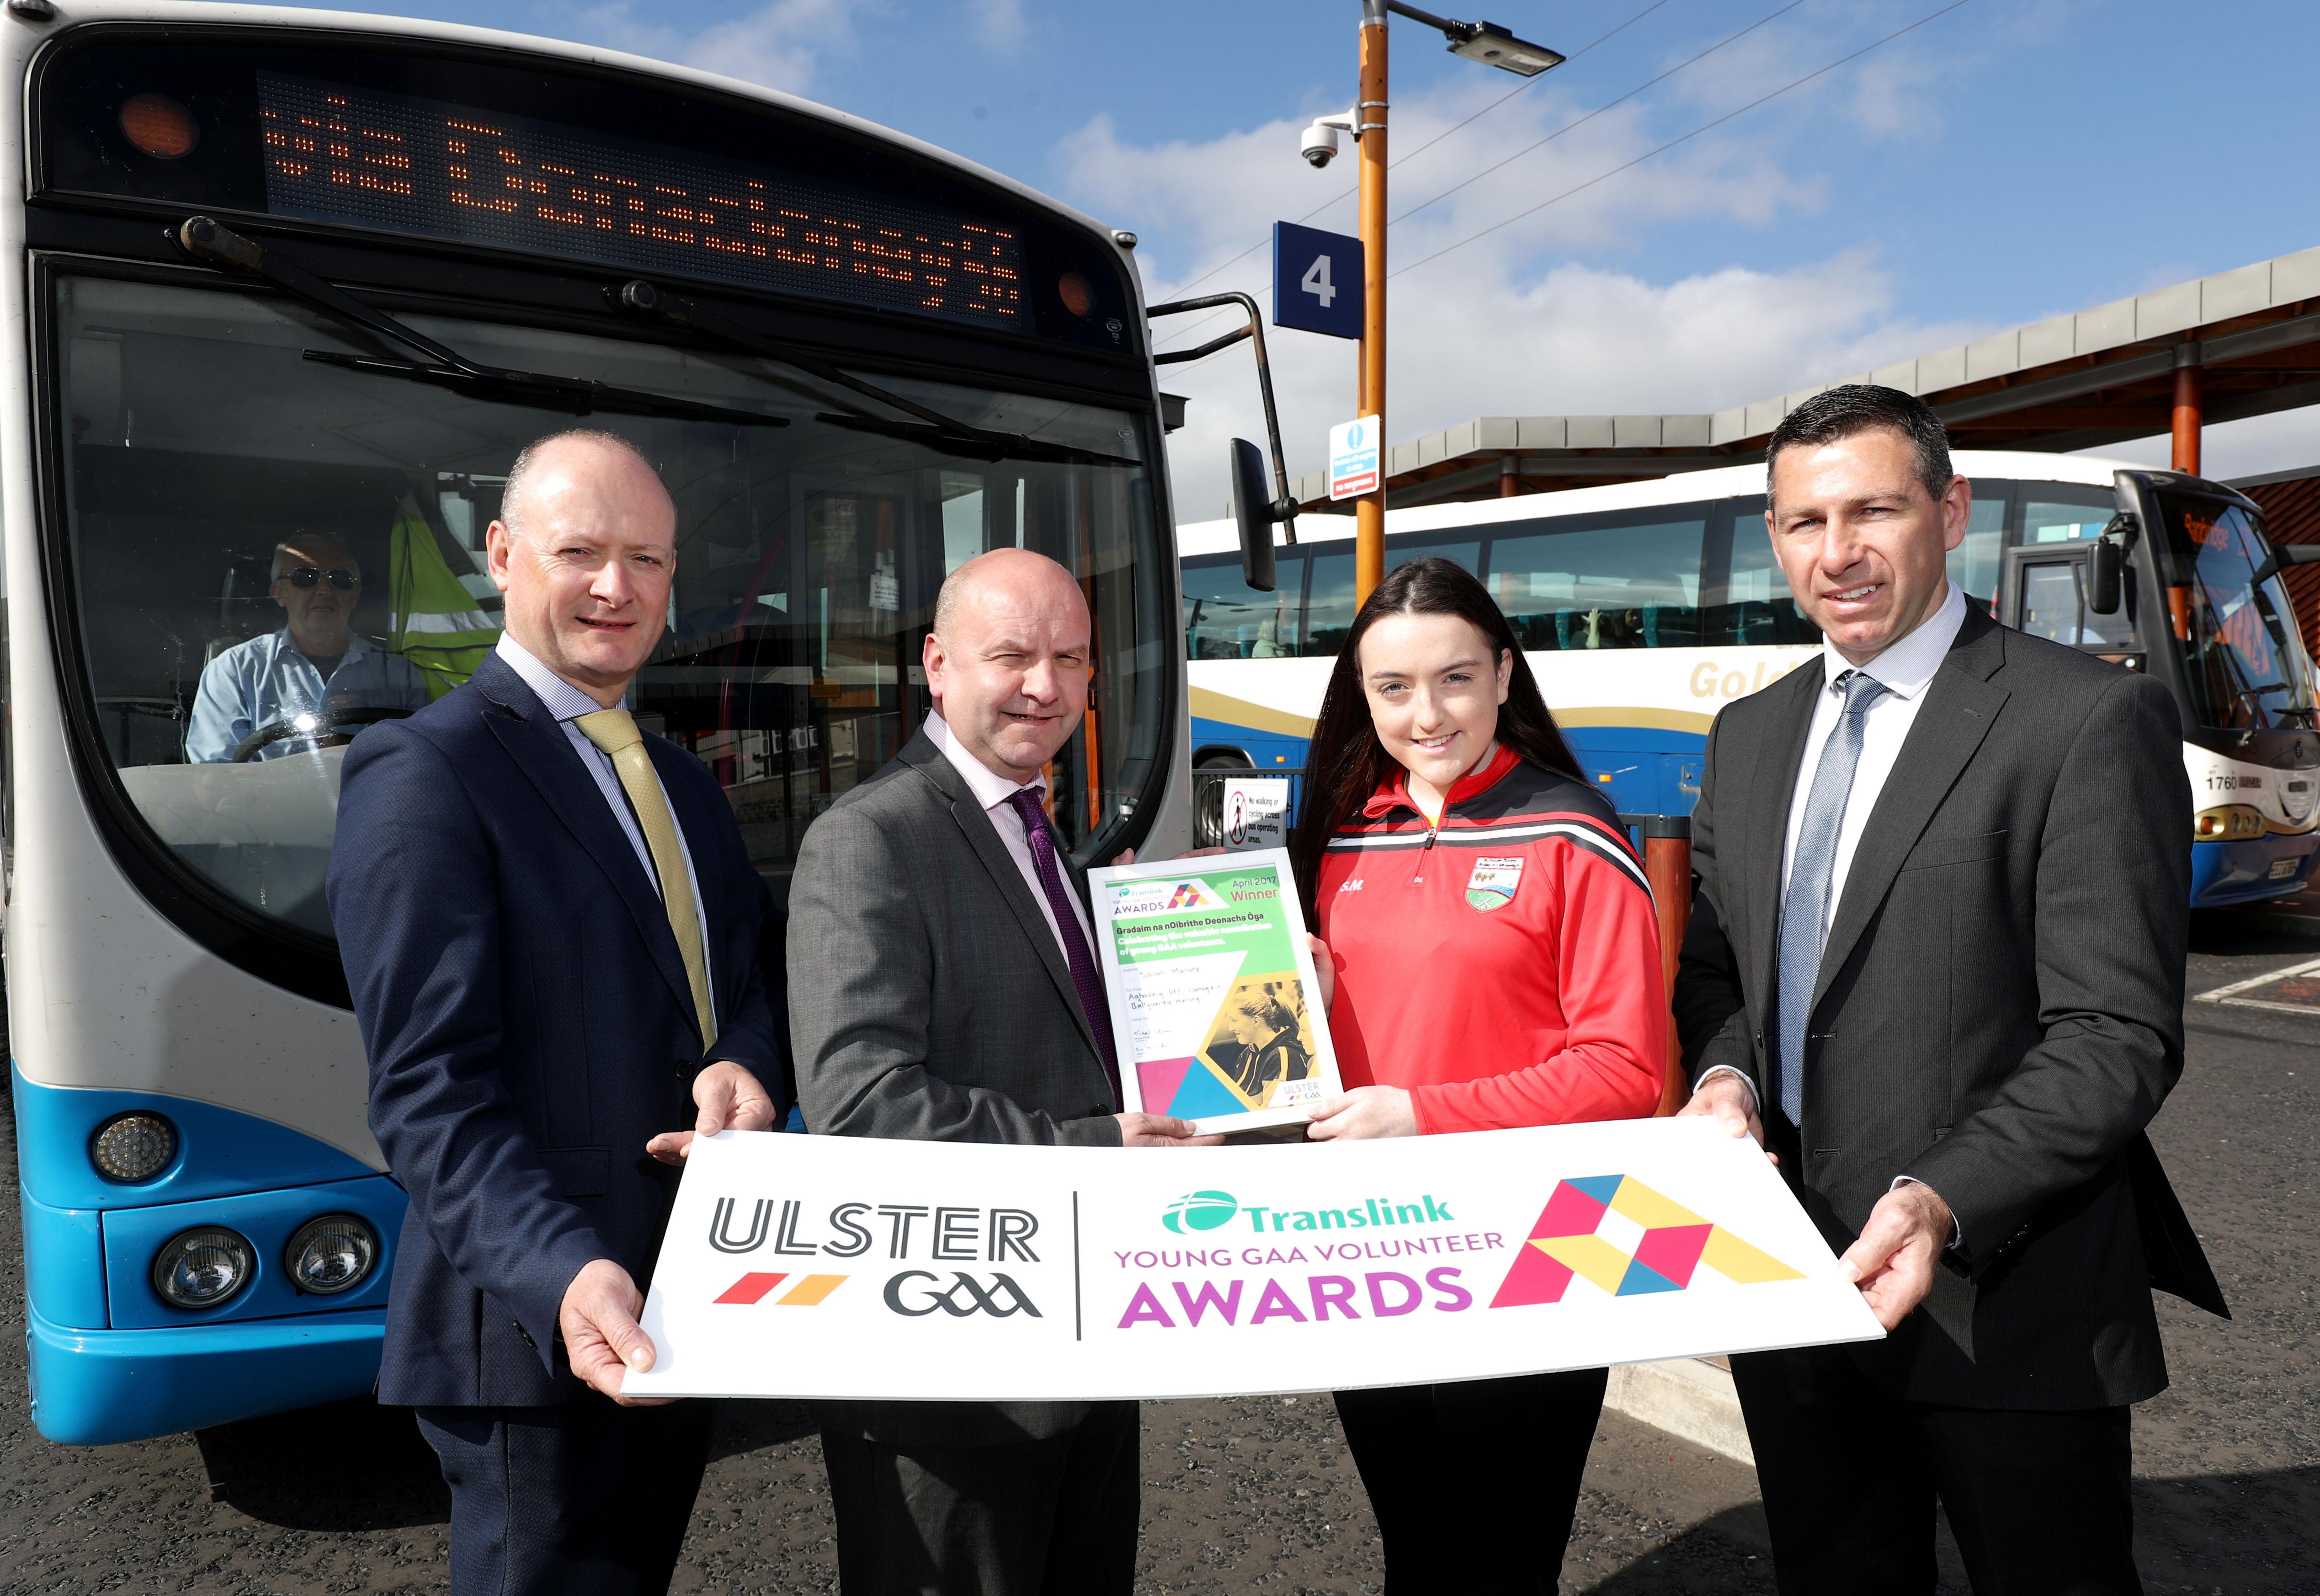 Outstanding volunteer effort recognised